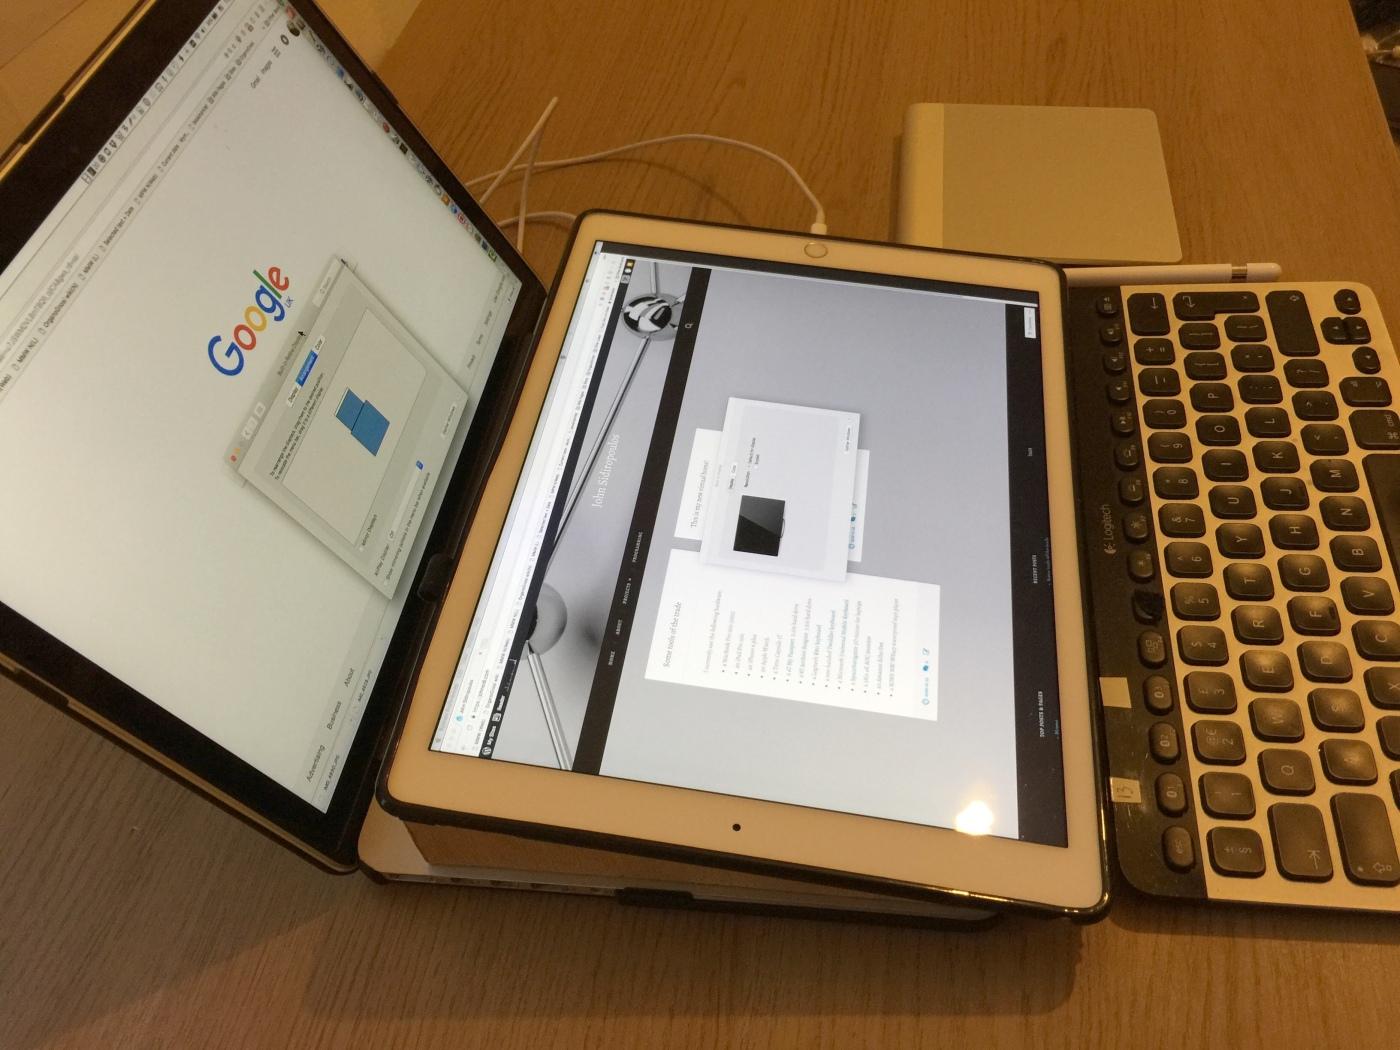 macbook-pro-ipad-pro-duet